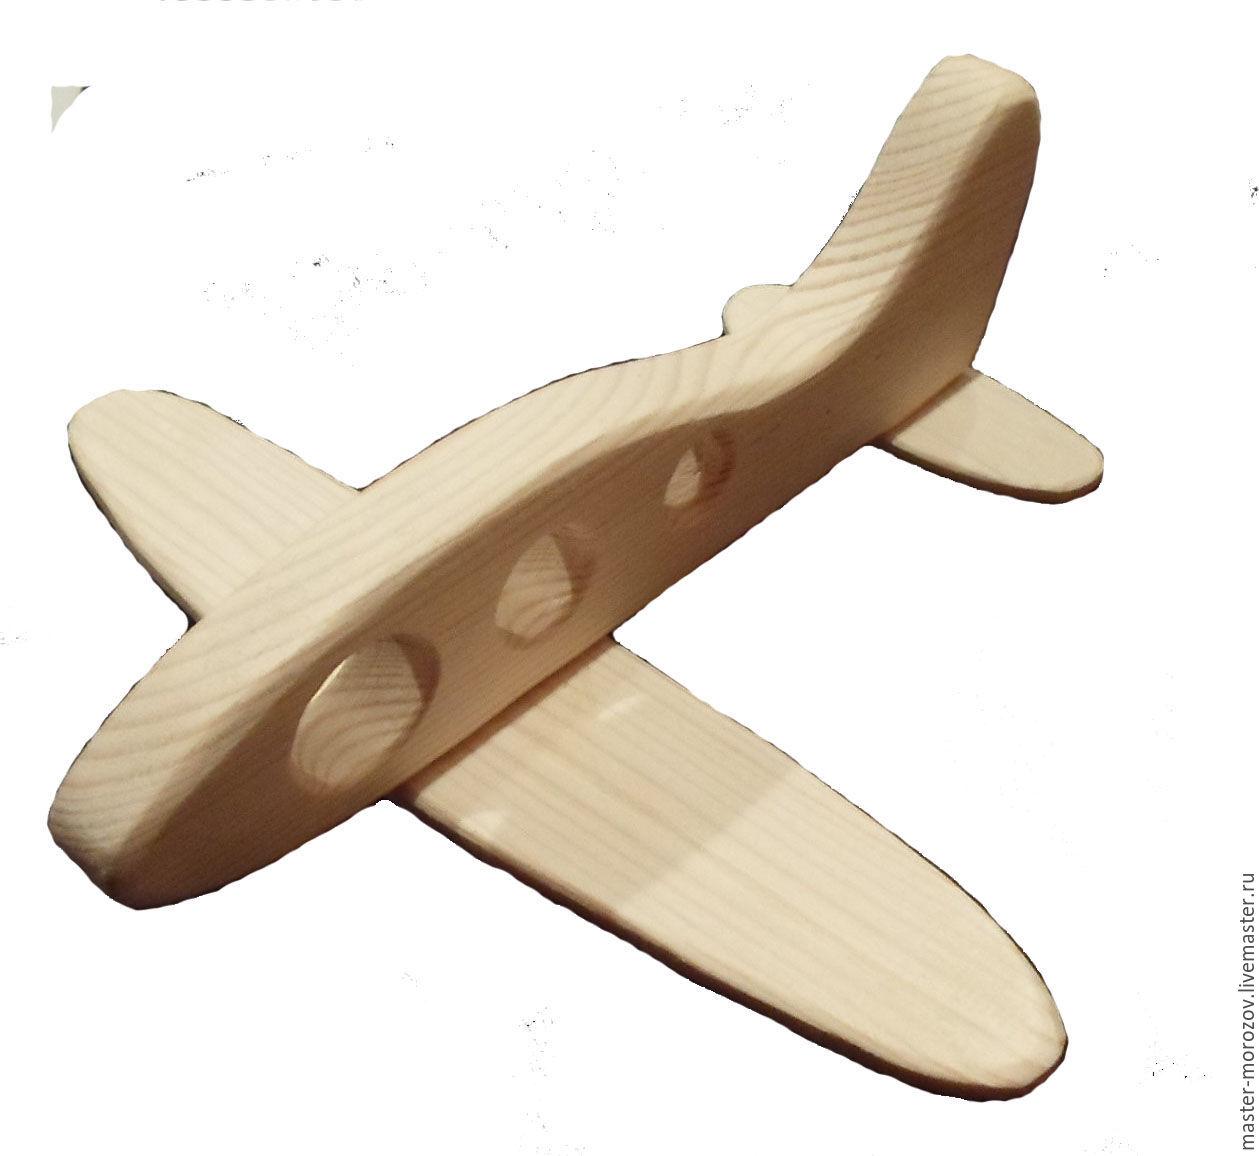 время как раскрасить деревянный в картинках самолетик признаком породы